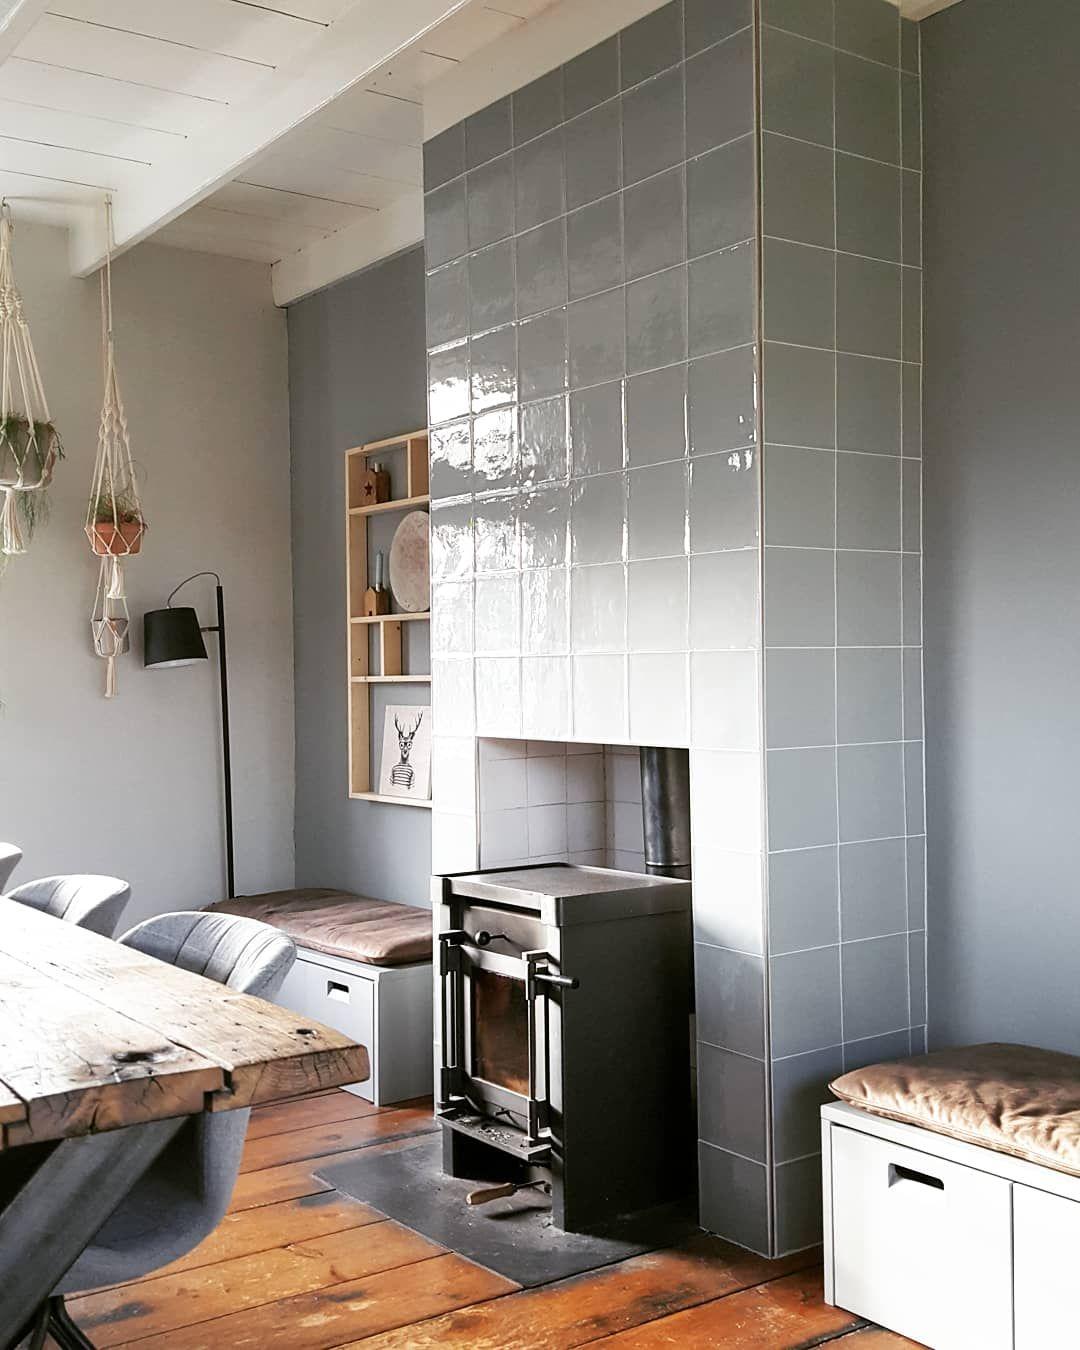 Betegelde koof in de gezellige woonkeuken van Tanja - Shopinstijl.nl